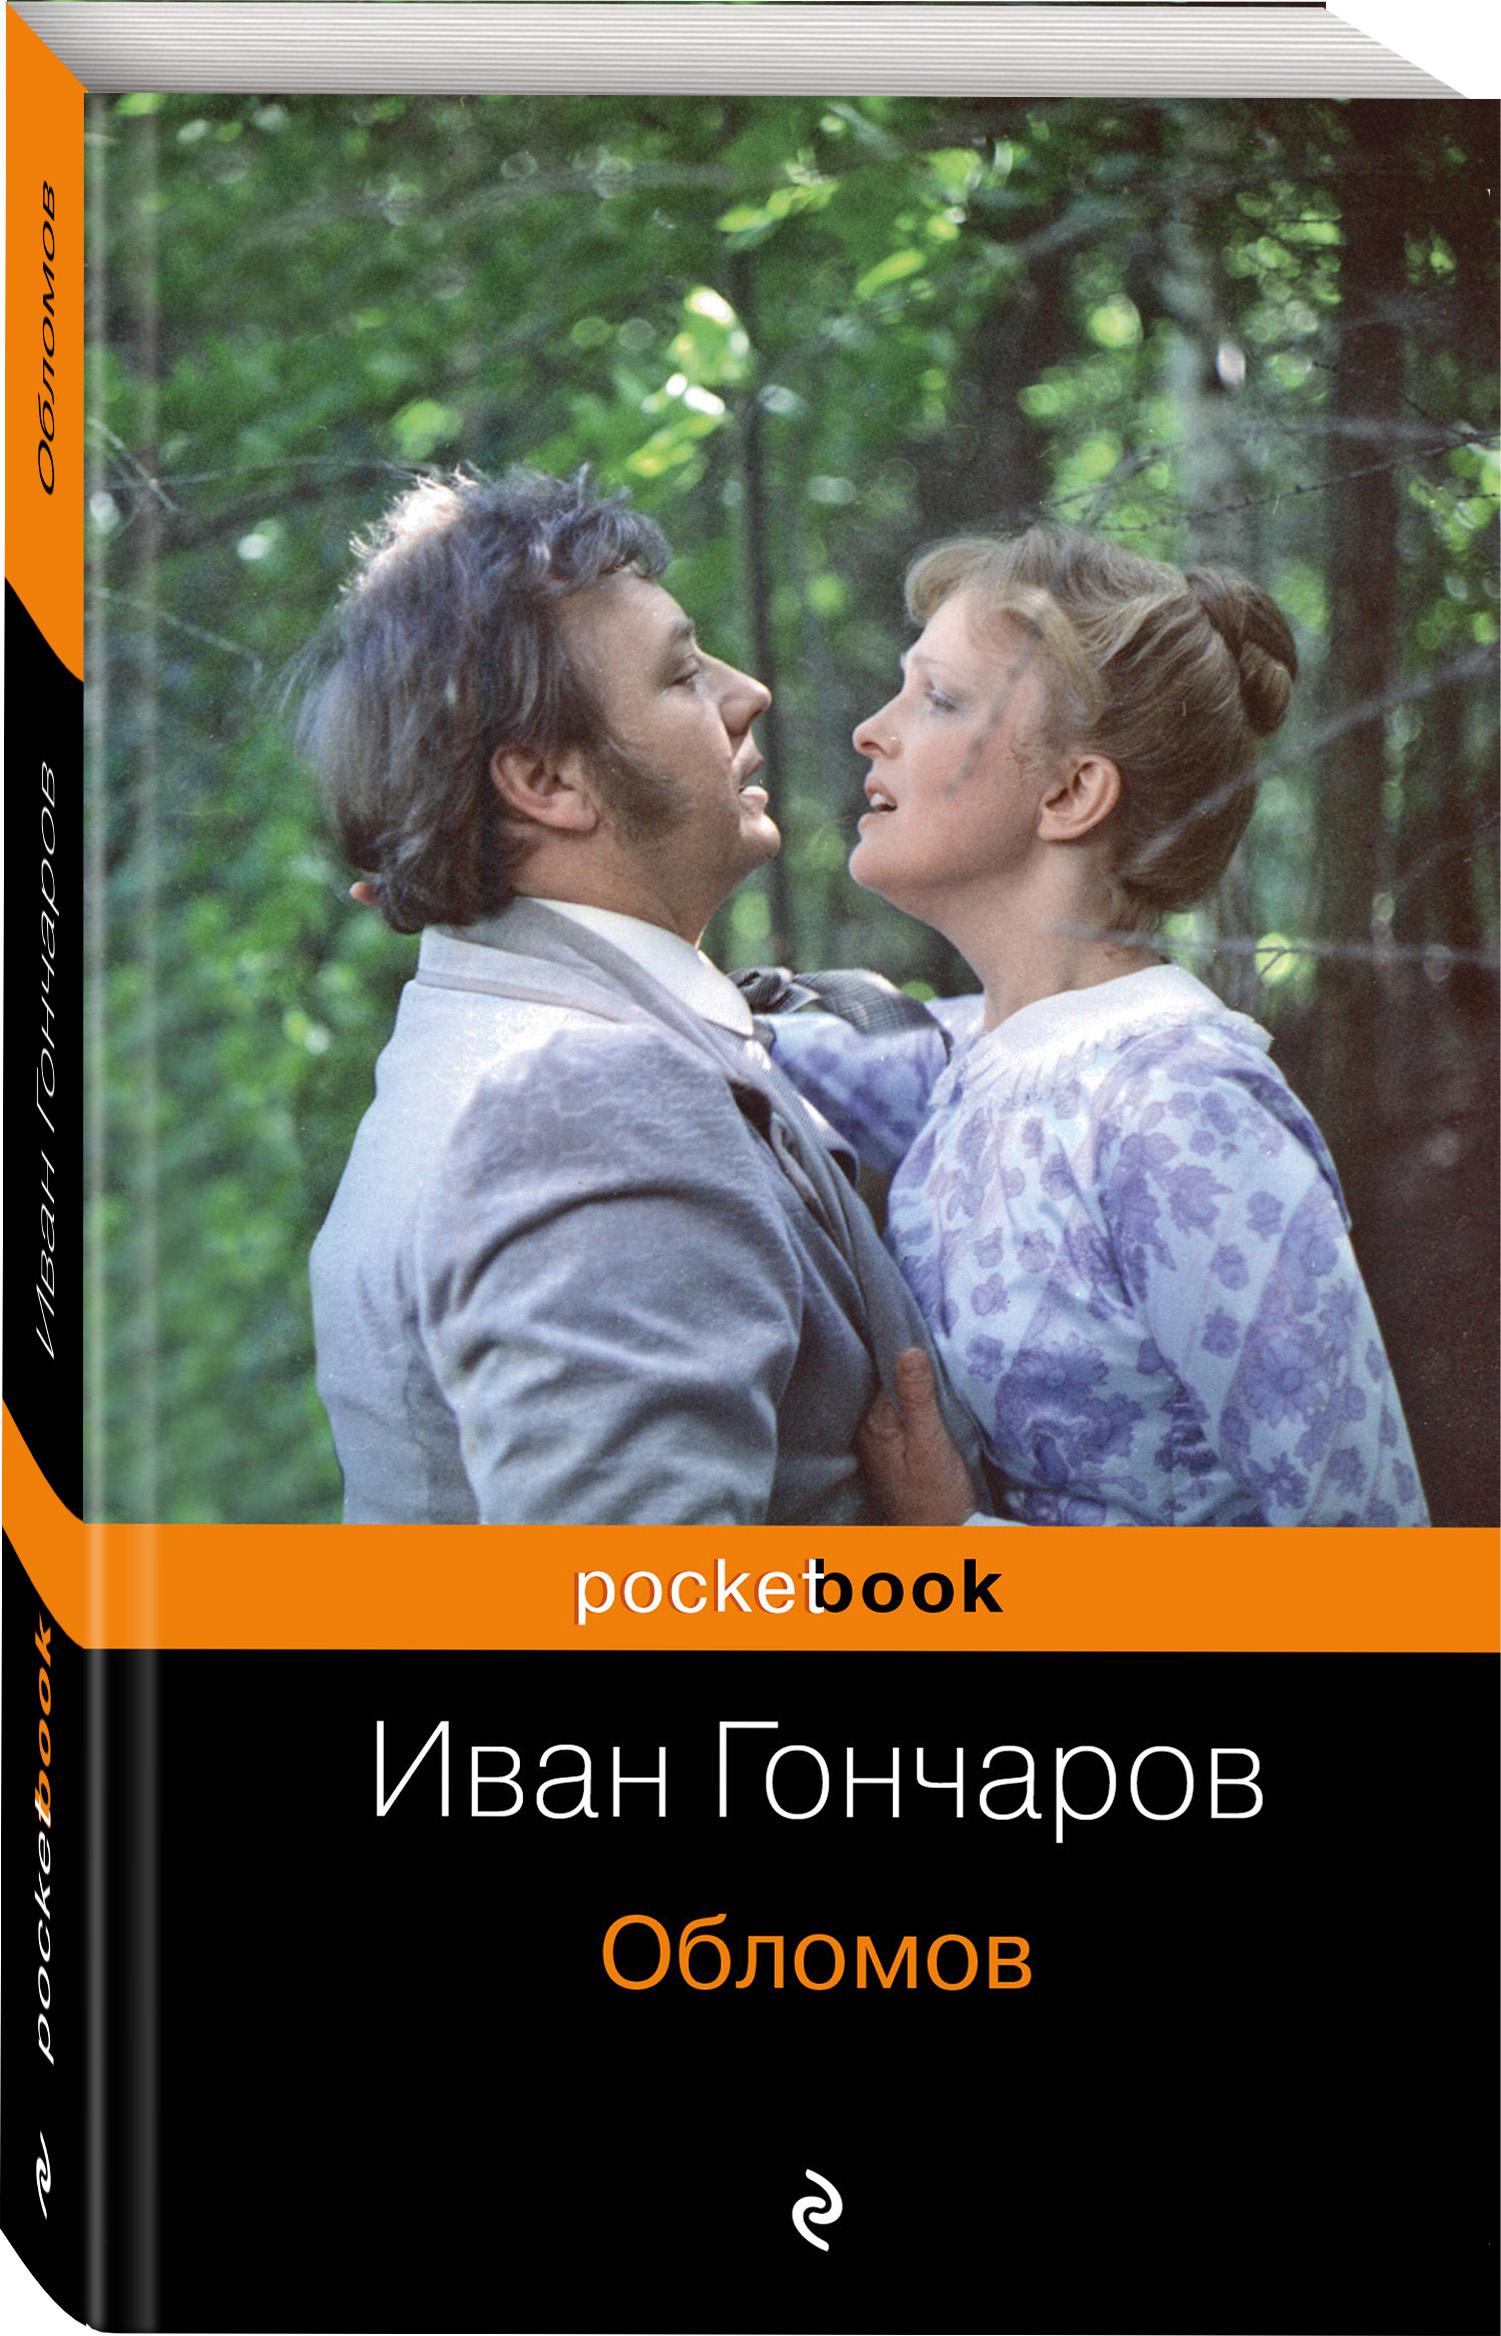 Гончаров И.А. Обломов вася обломов долгая и несчастливая жизнь